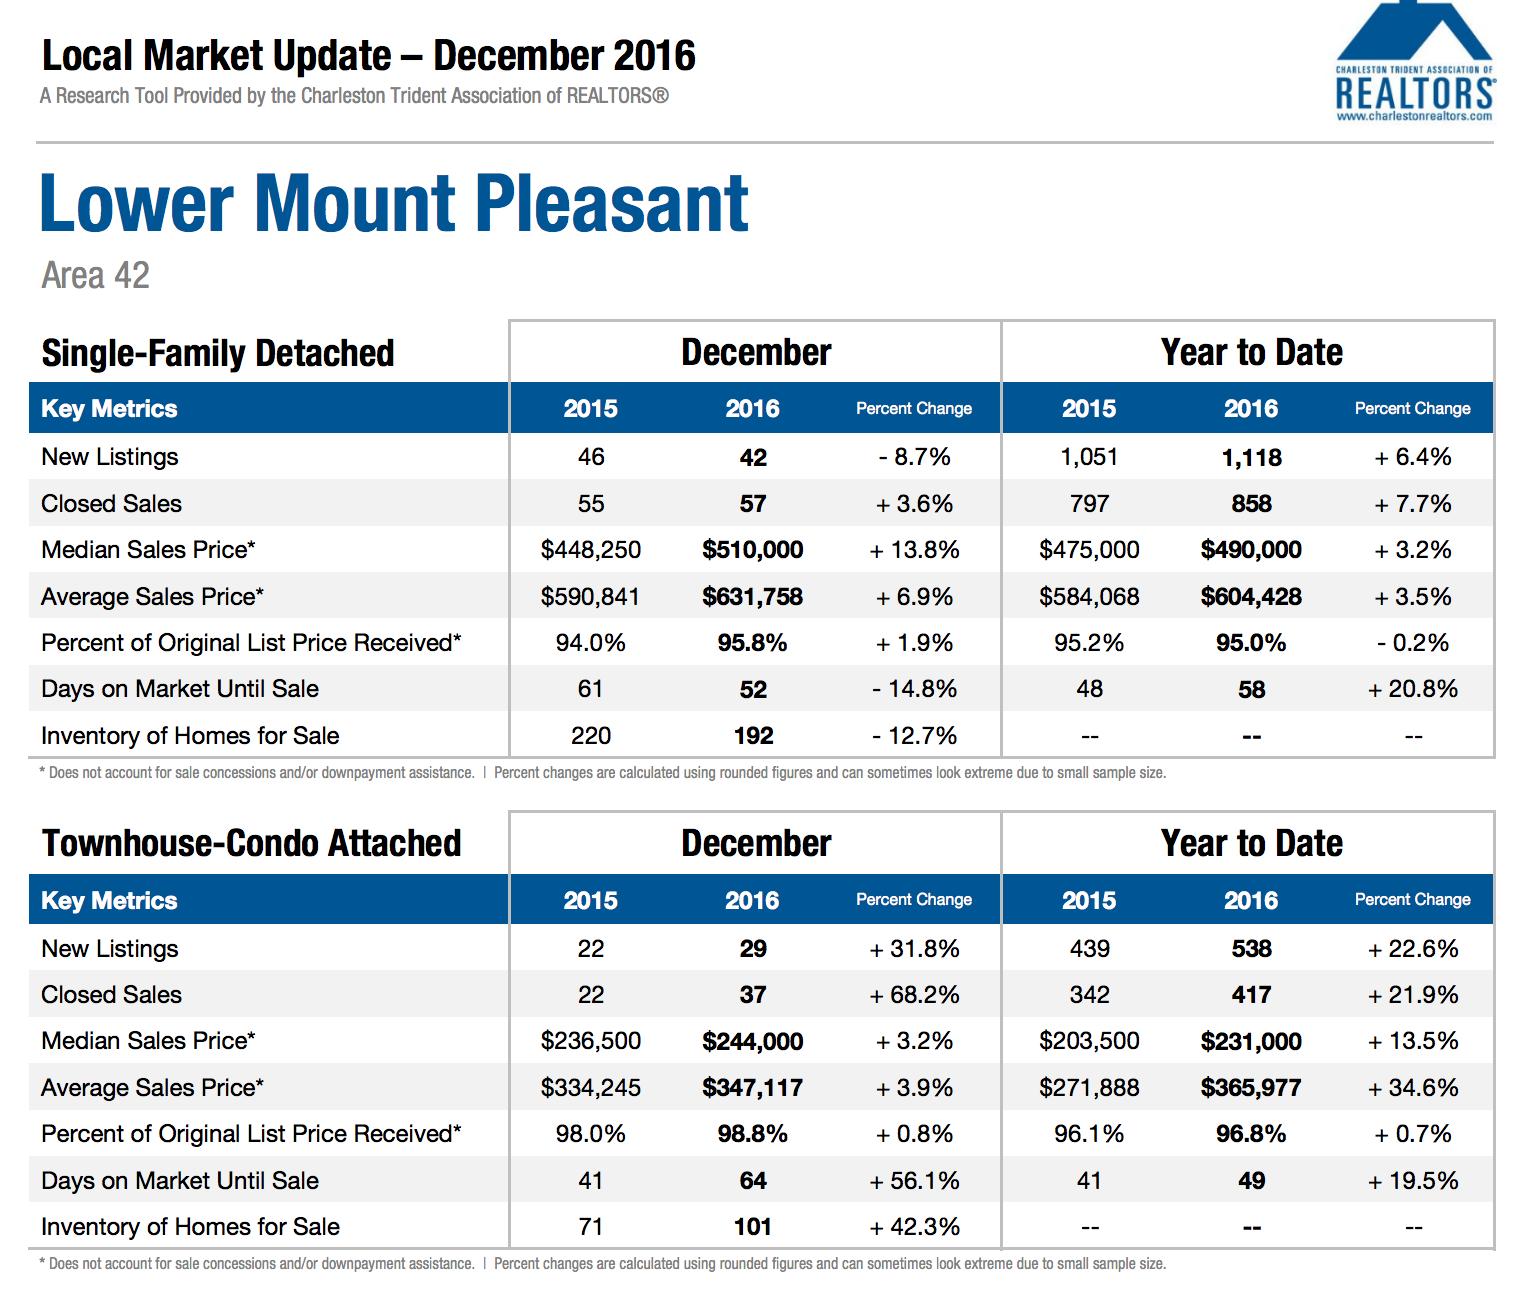 Mount Pleasant SC Area 42 Market Updaete Dec 2016